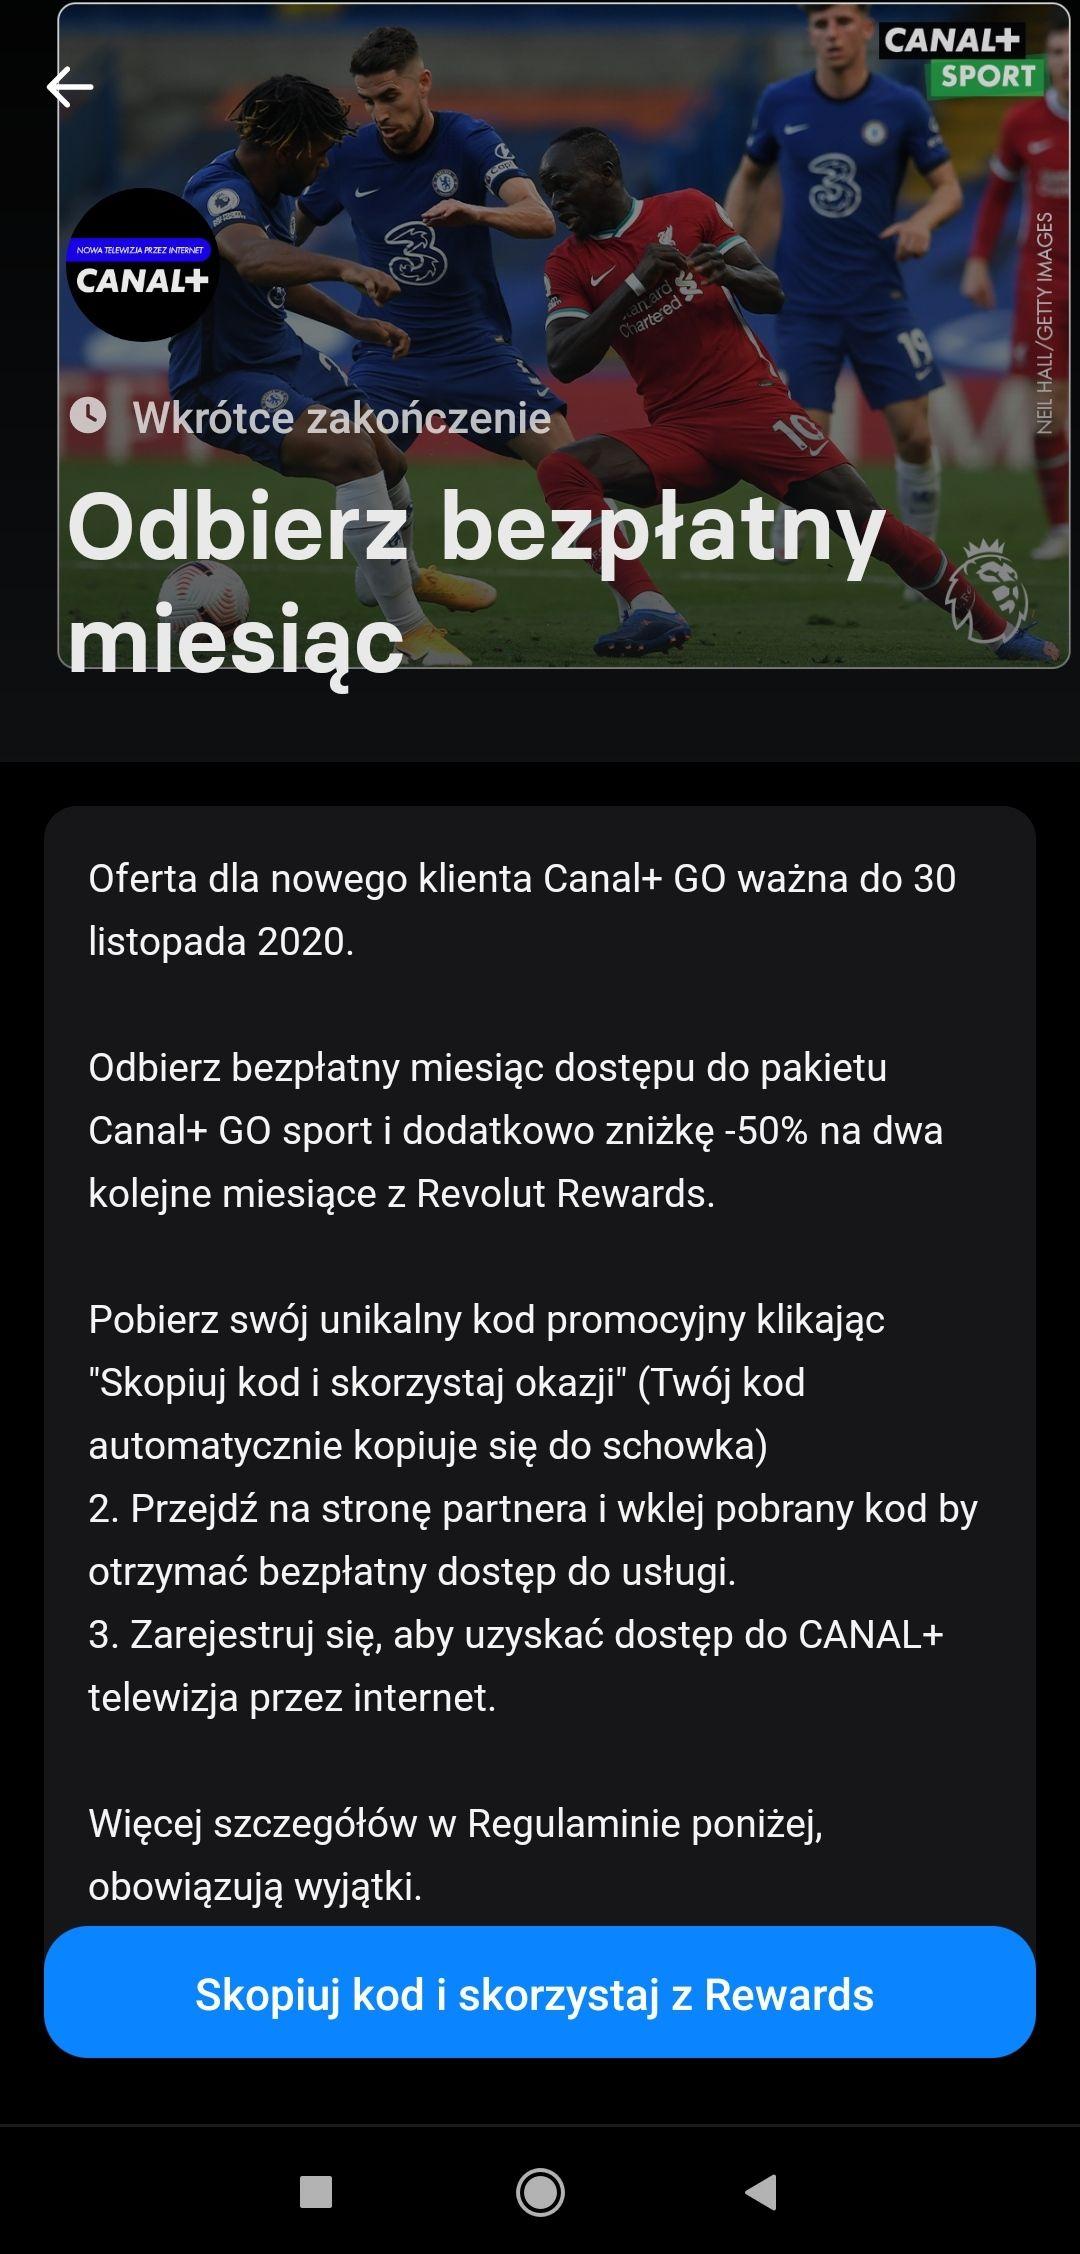 Canal+ Go sport lub film 1 MSC za darmo dla klientów Revolut